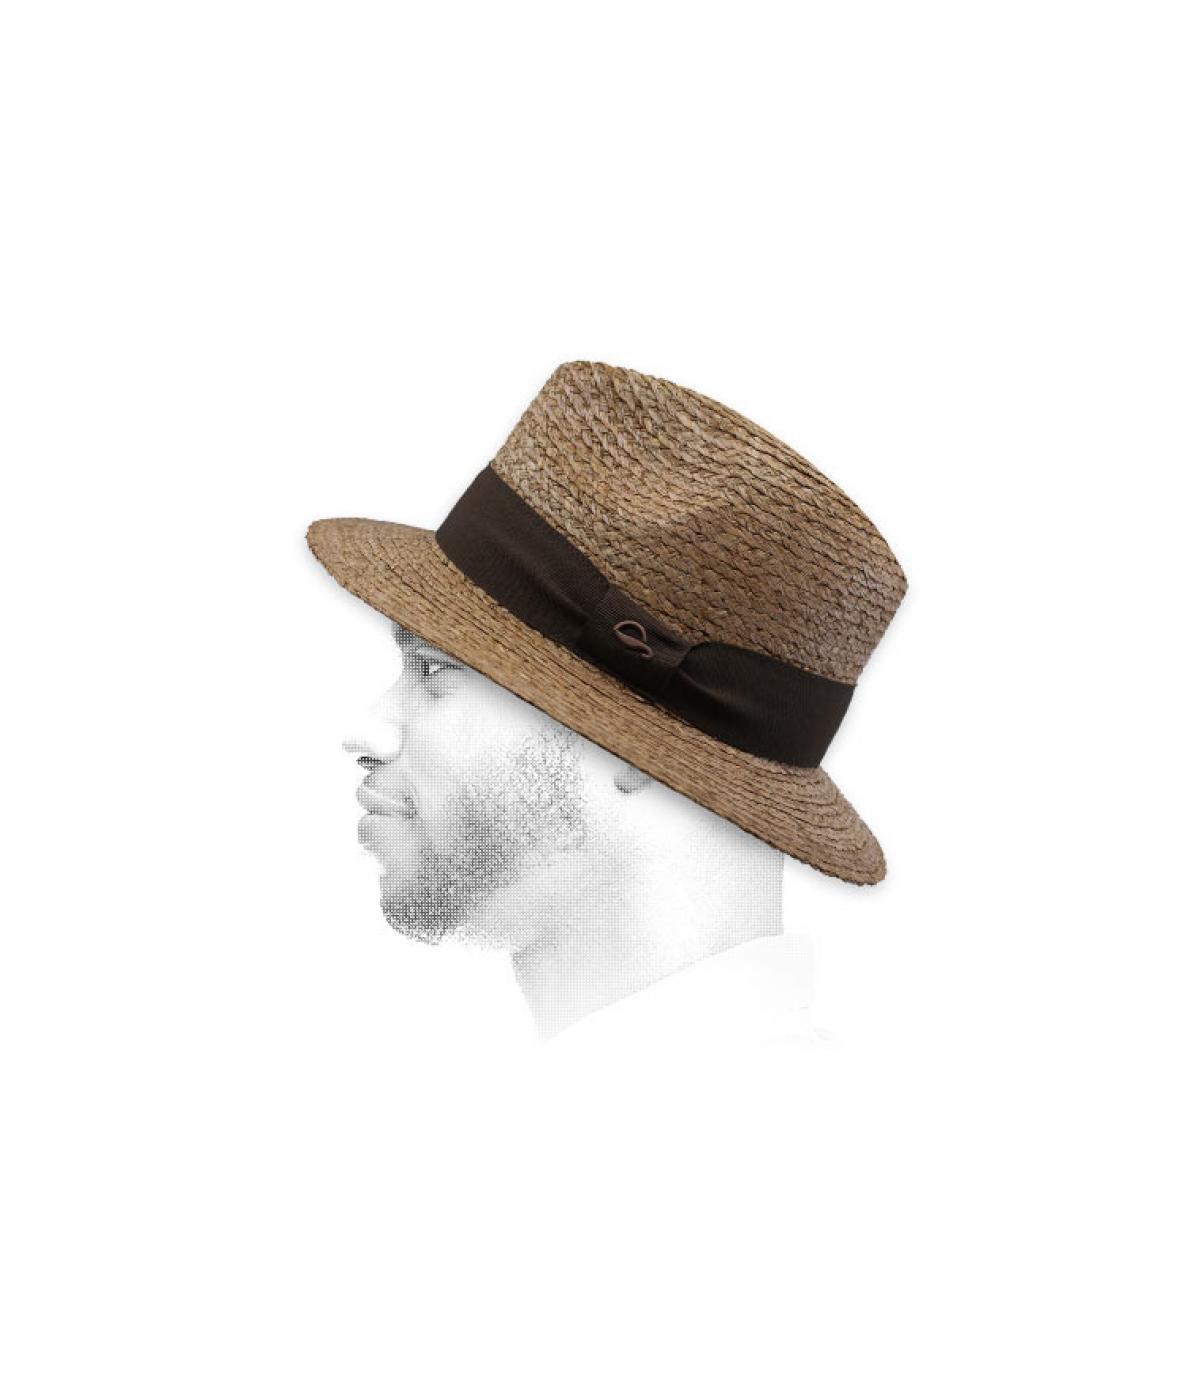 treccia beige di cappello di paglia